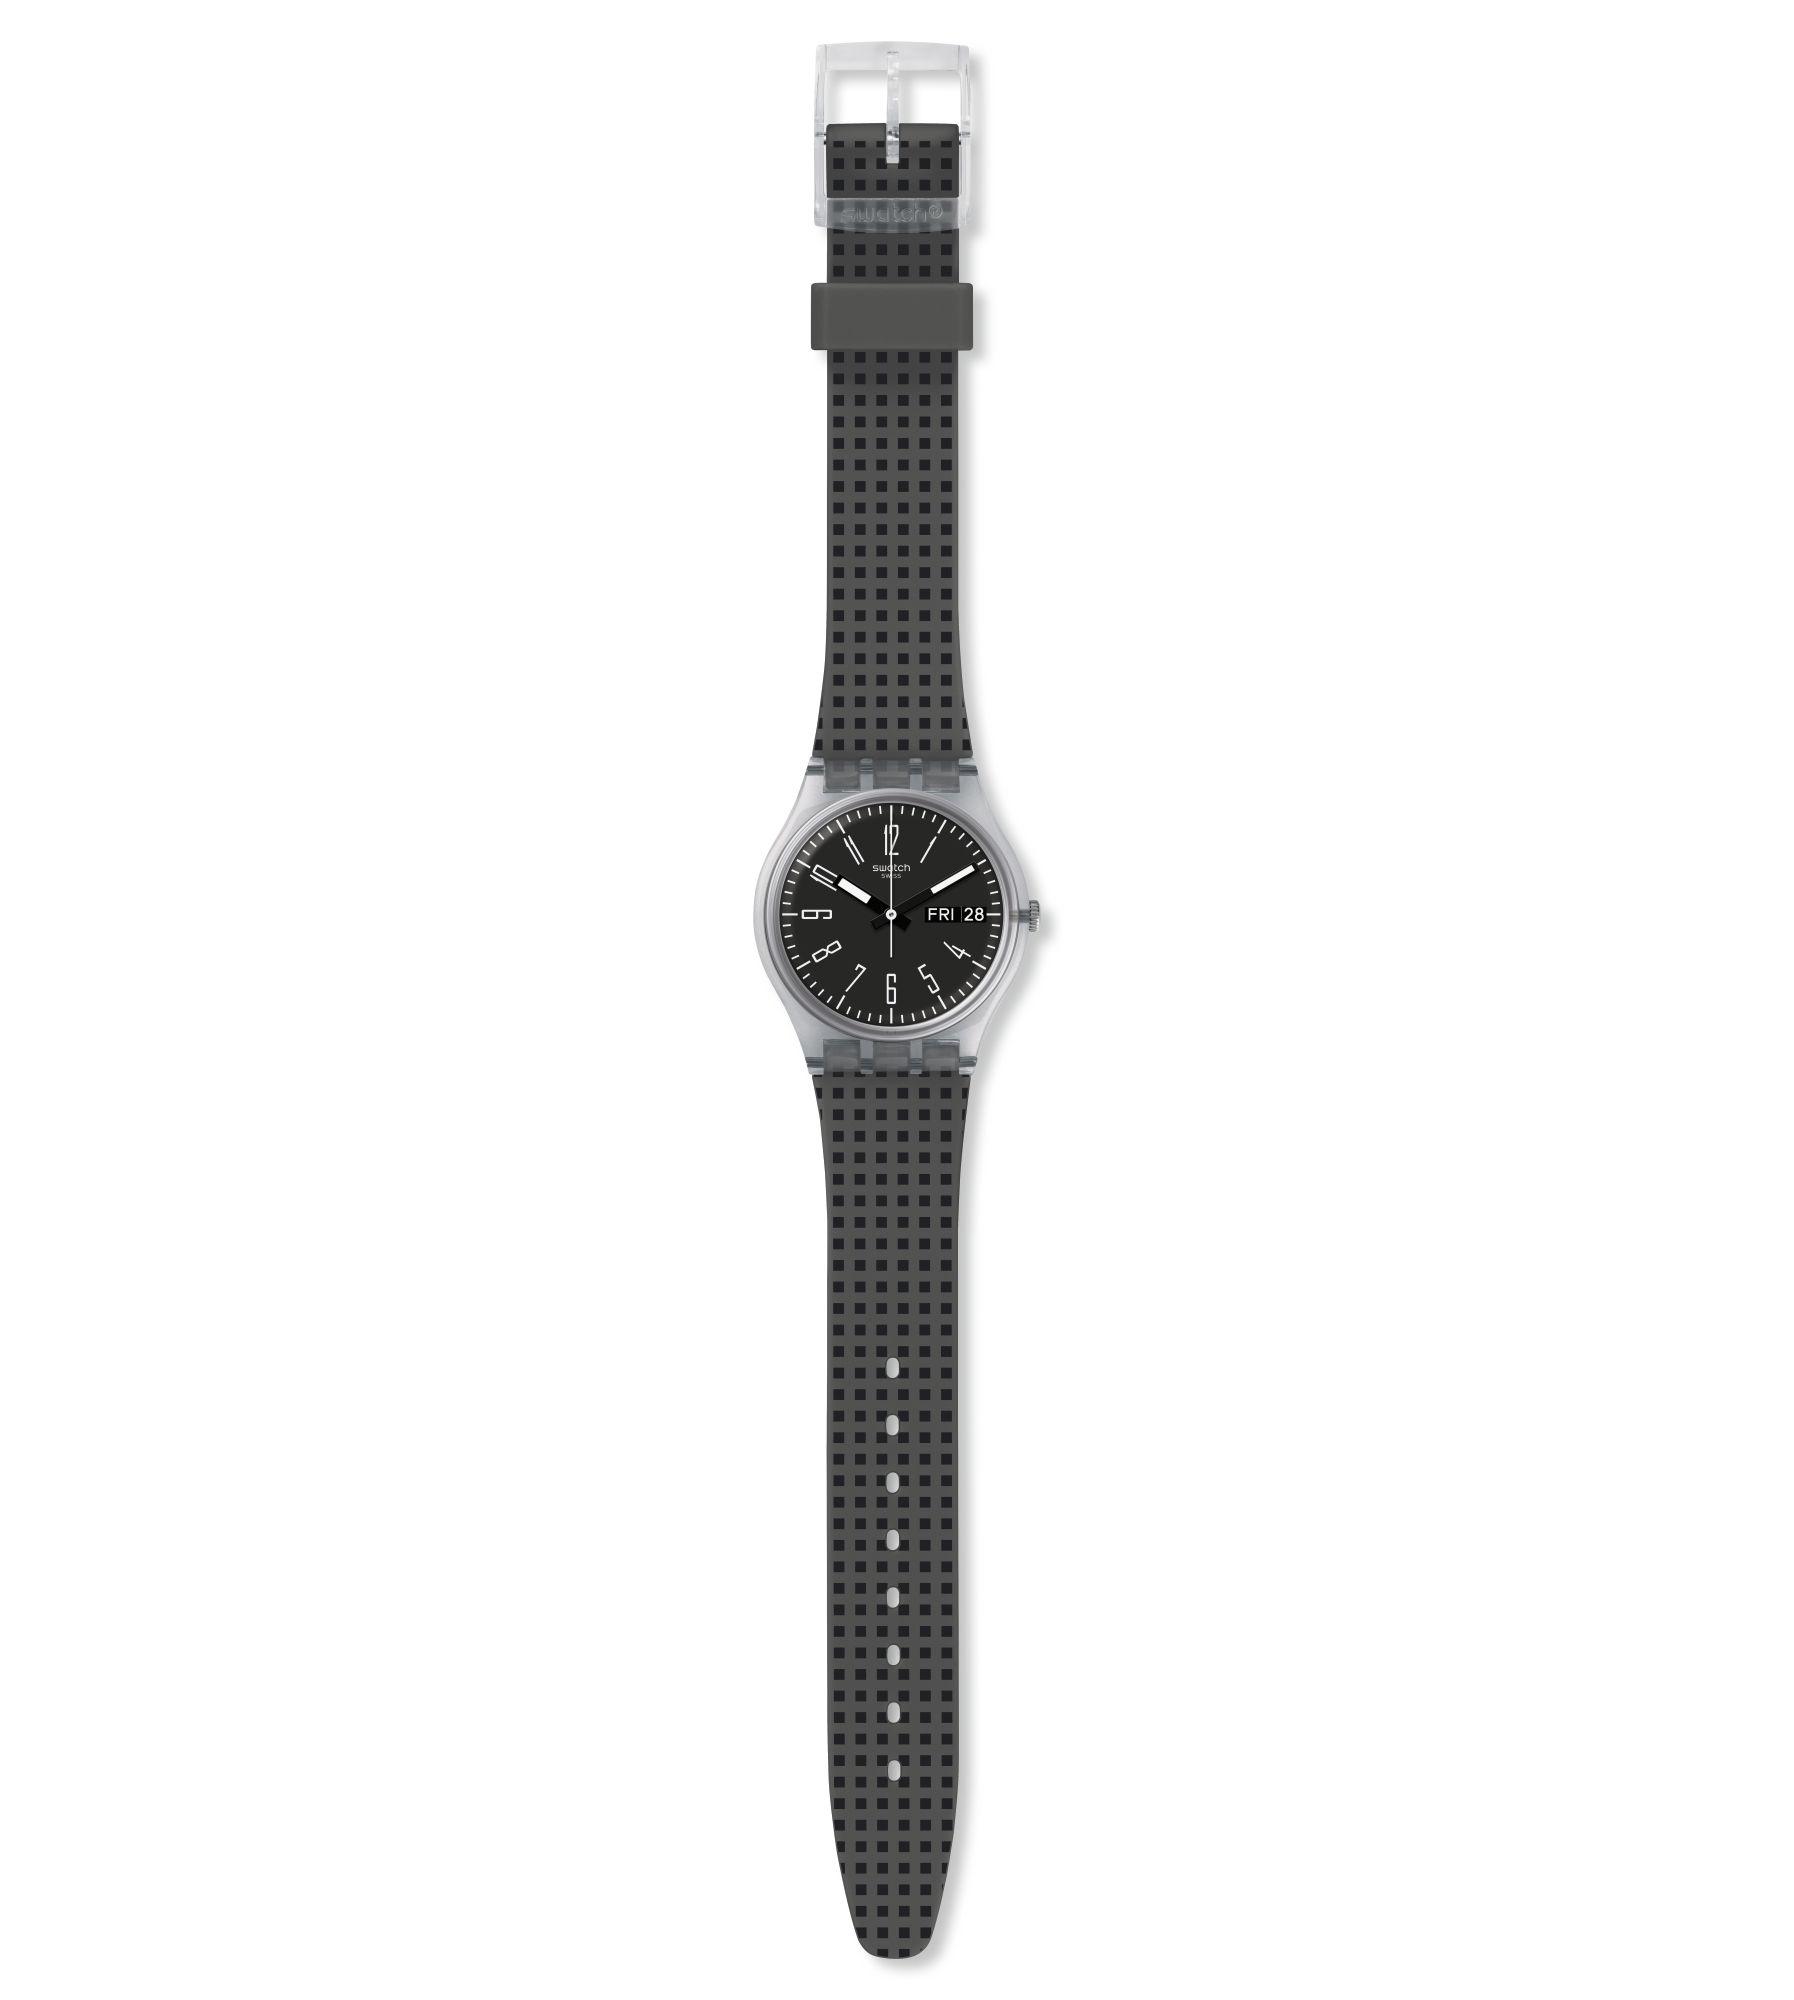 Relógio Swatch Masculino Preto - Efficient - GE712